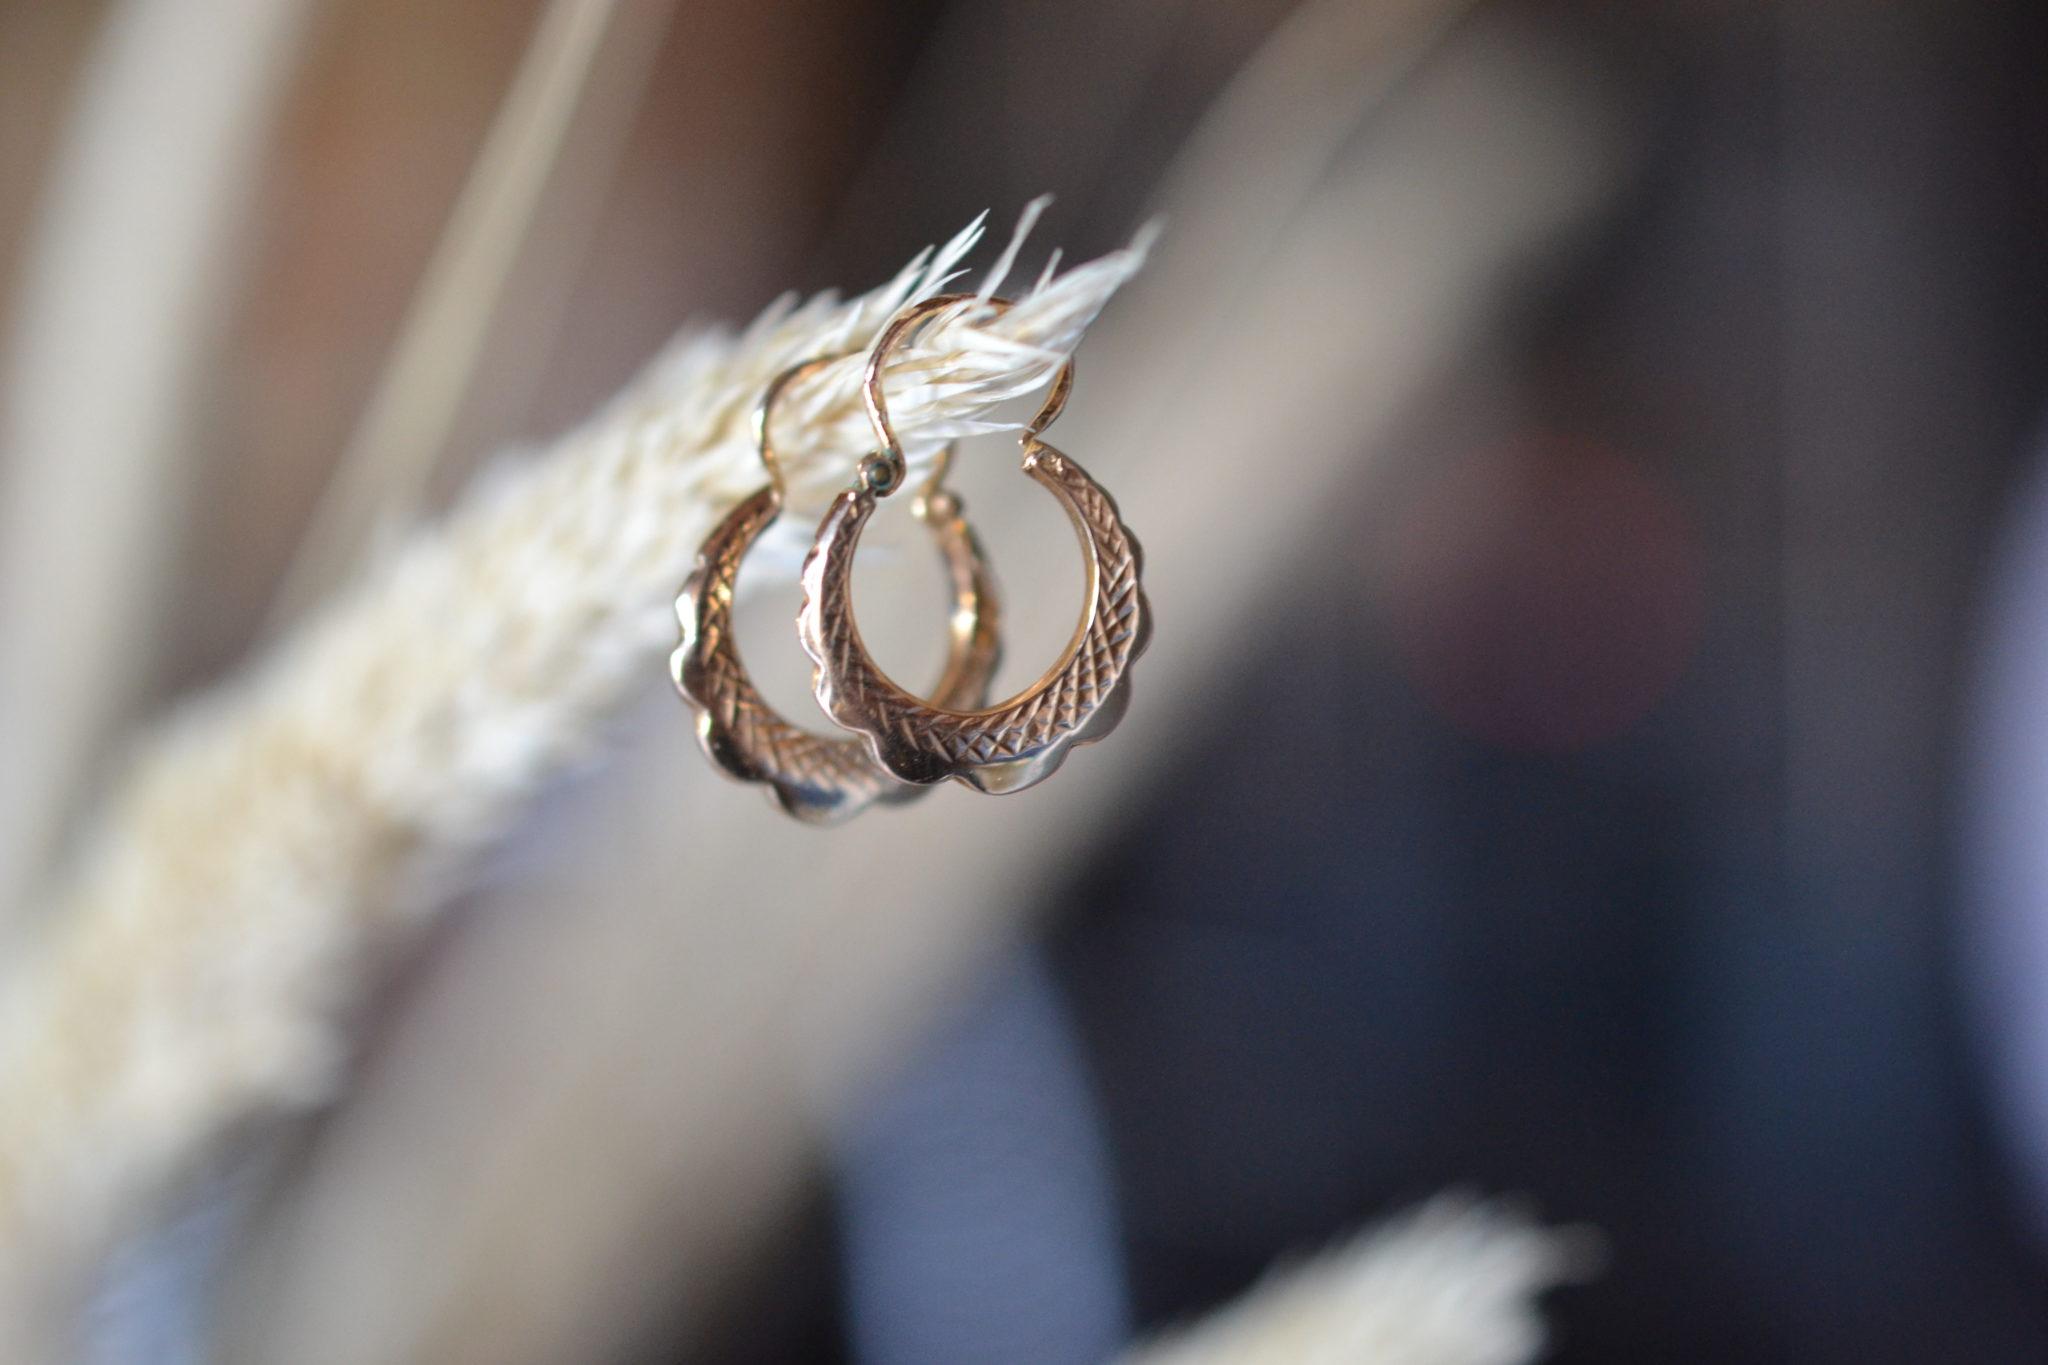 boucles d'oreilles anciennes en Or 18 carats 750:1000 - noircarat.fr - créoles bijoux anciens en Or